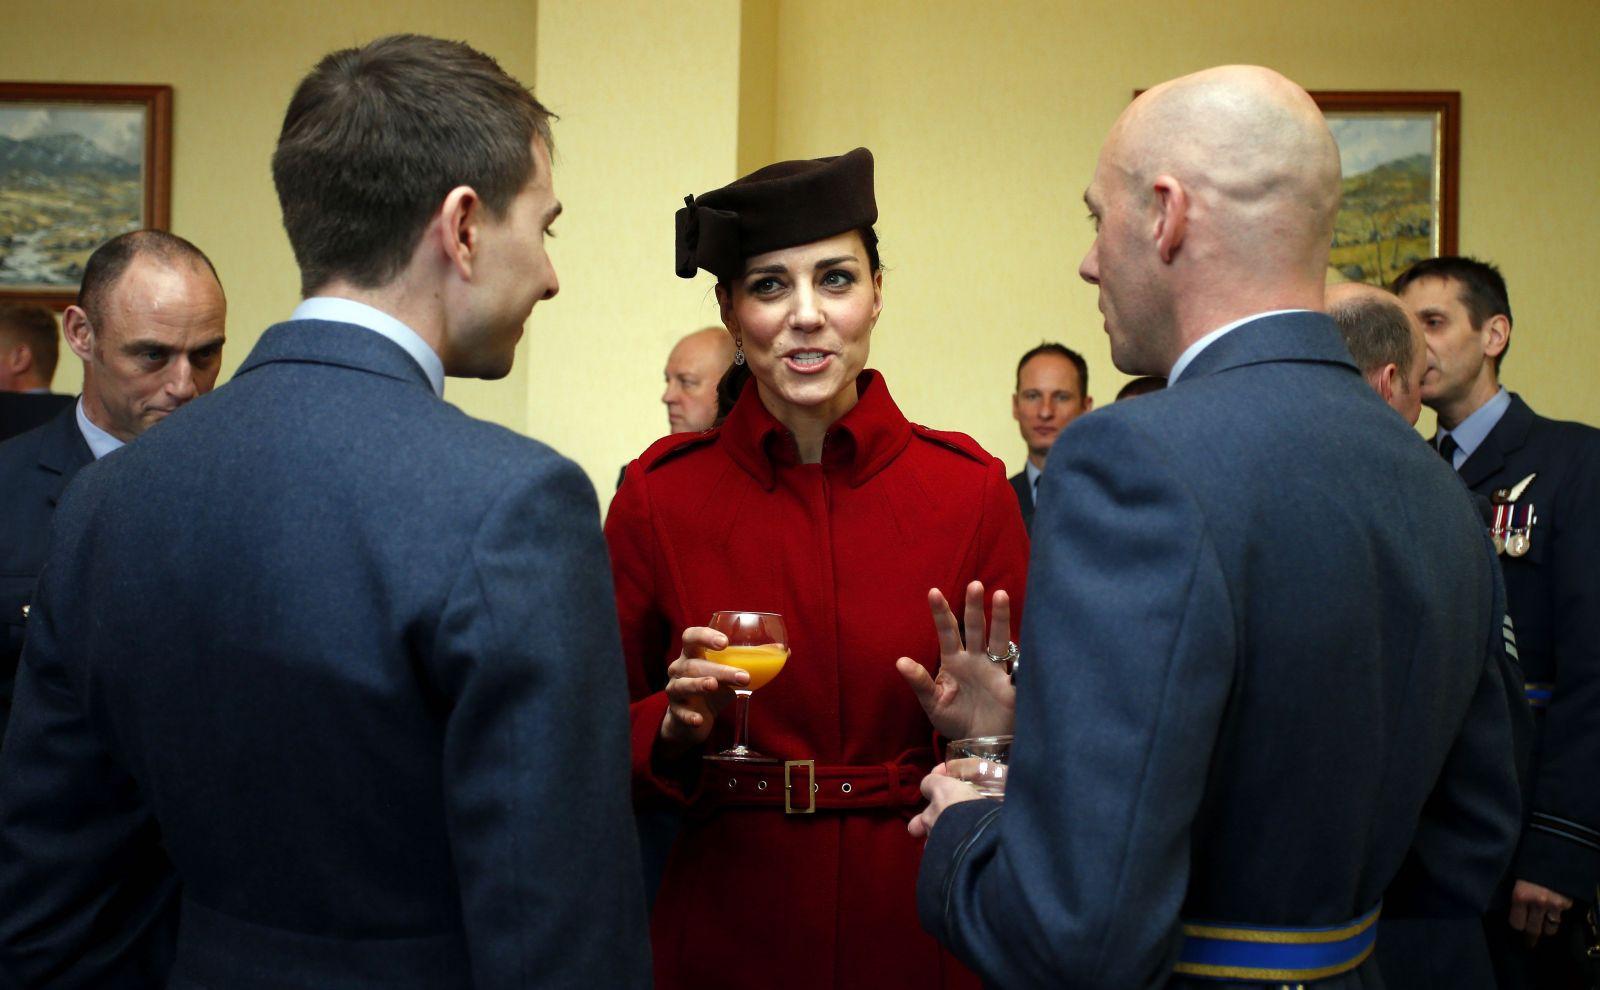 Британский шик: элегантная Кейт Миддлтон в пальто LK Bennett шляпке Lock and Co